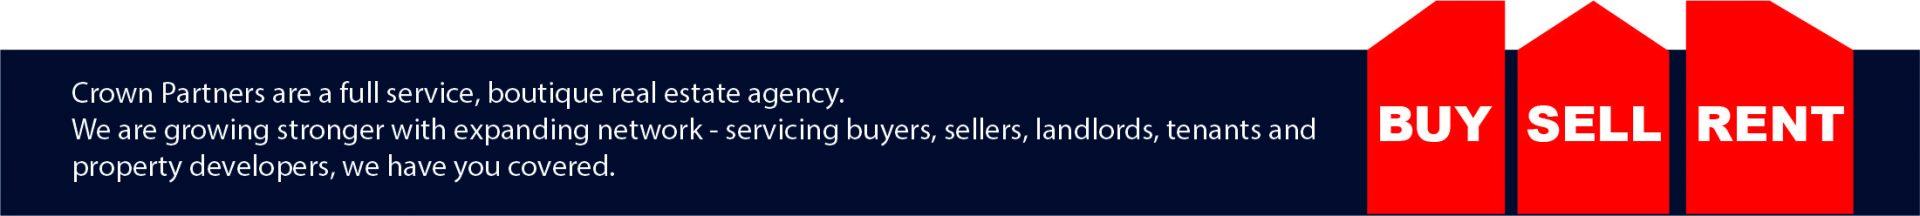 buy_sell1